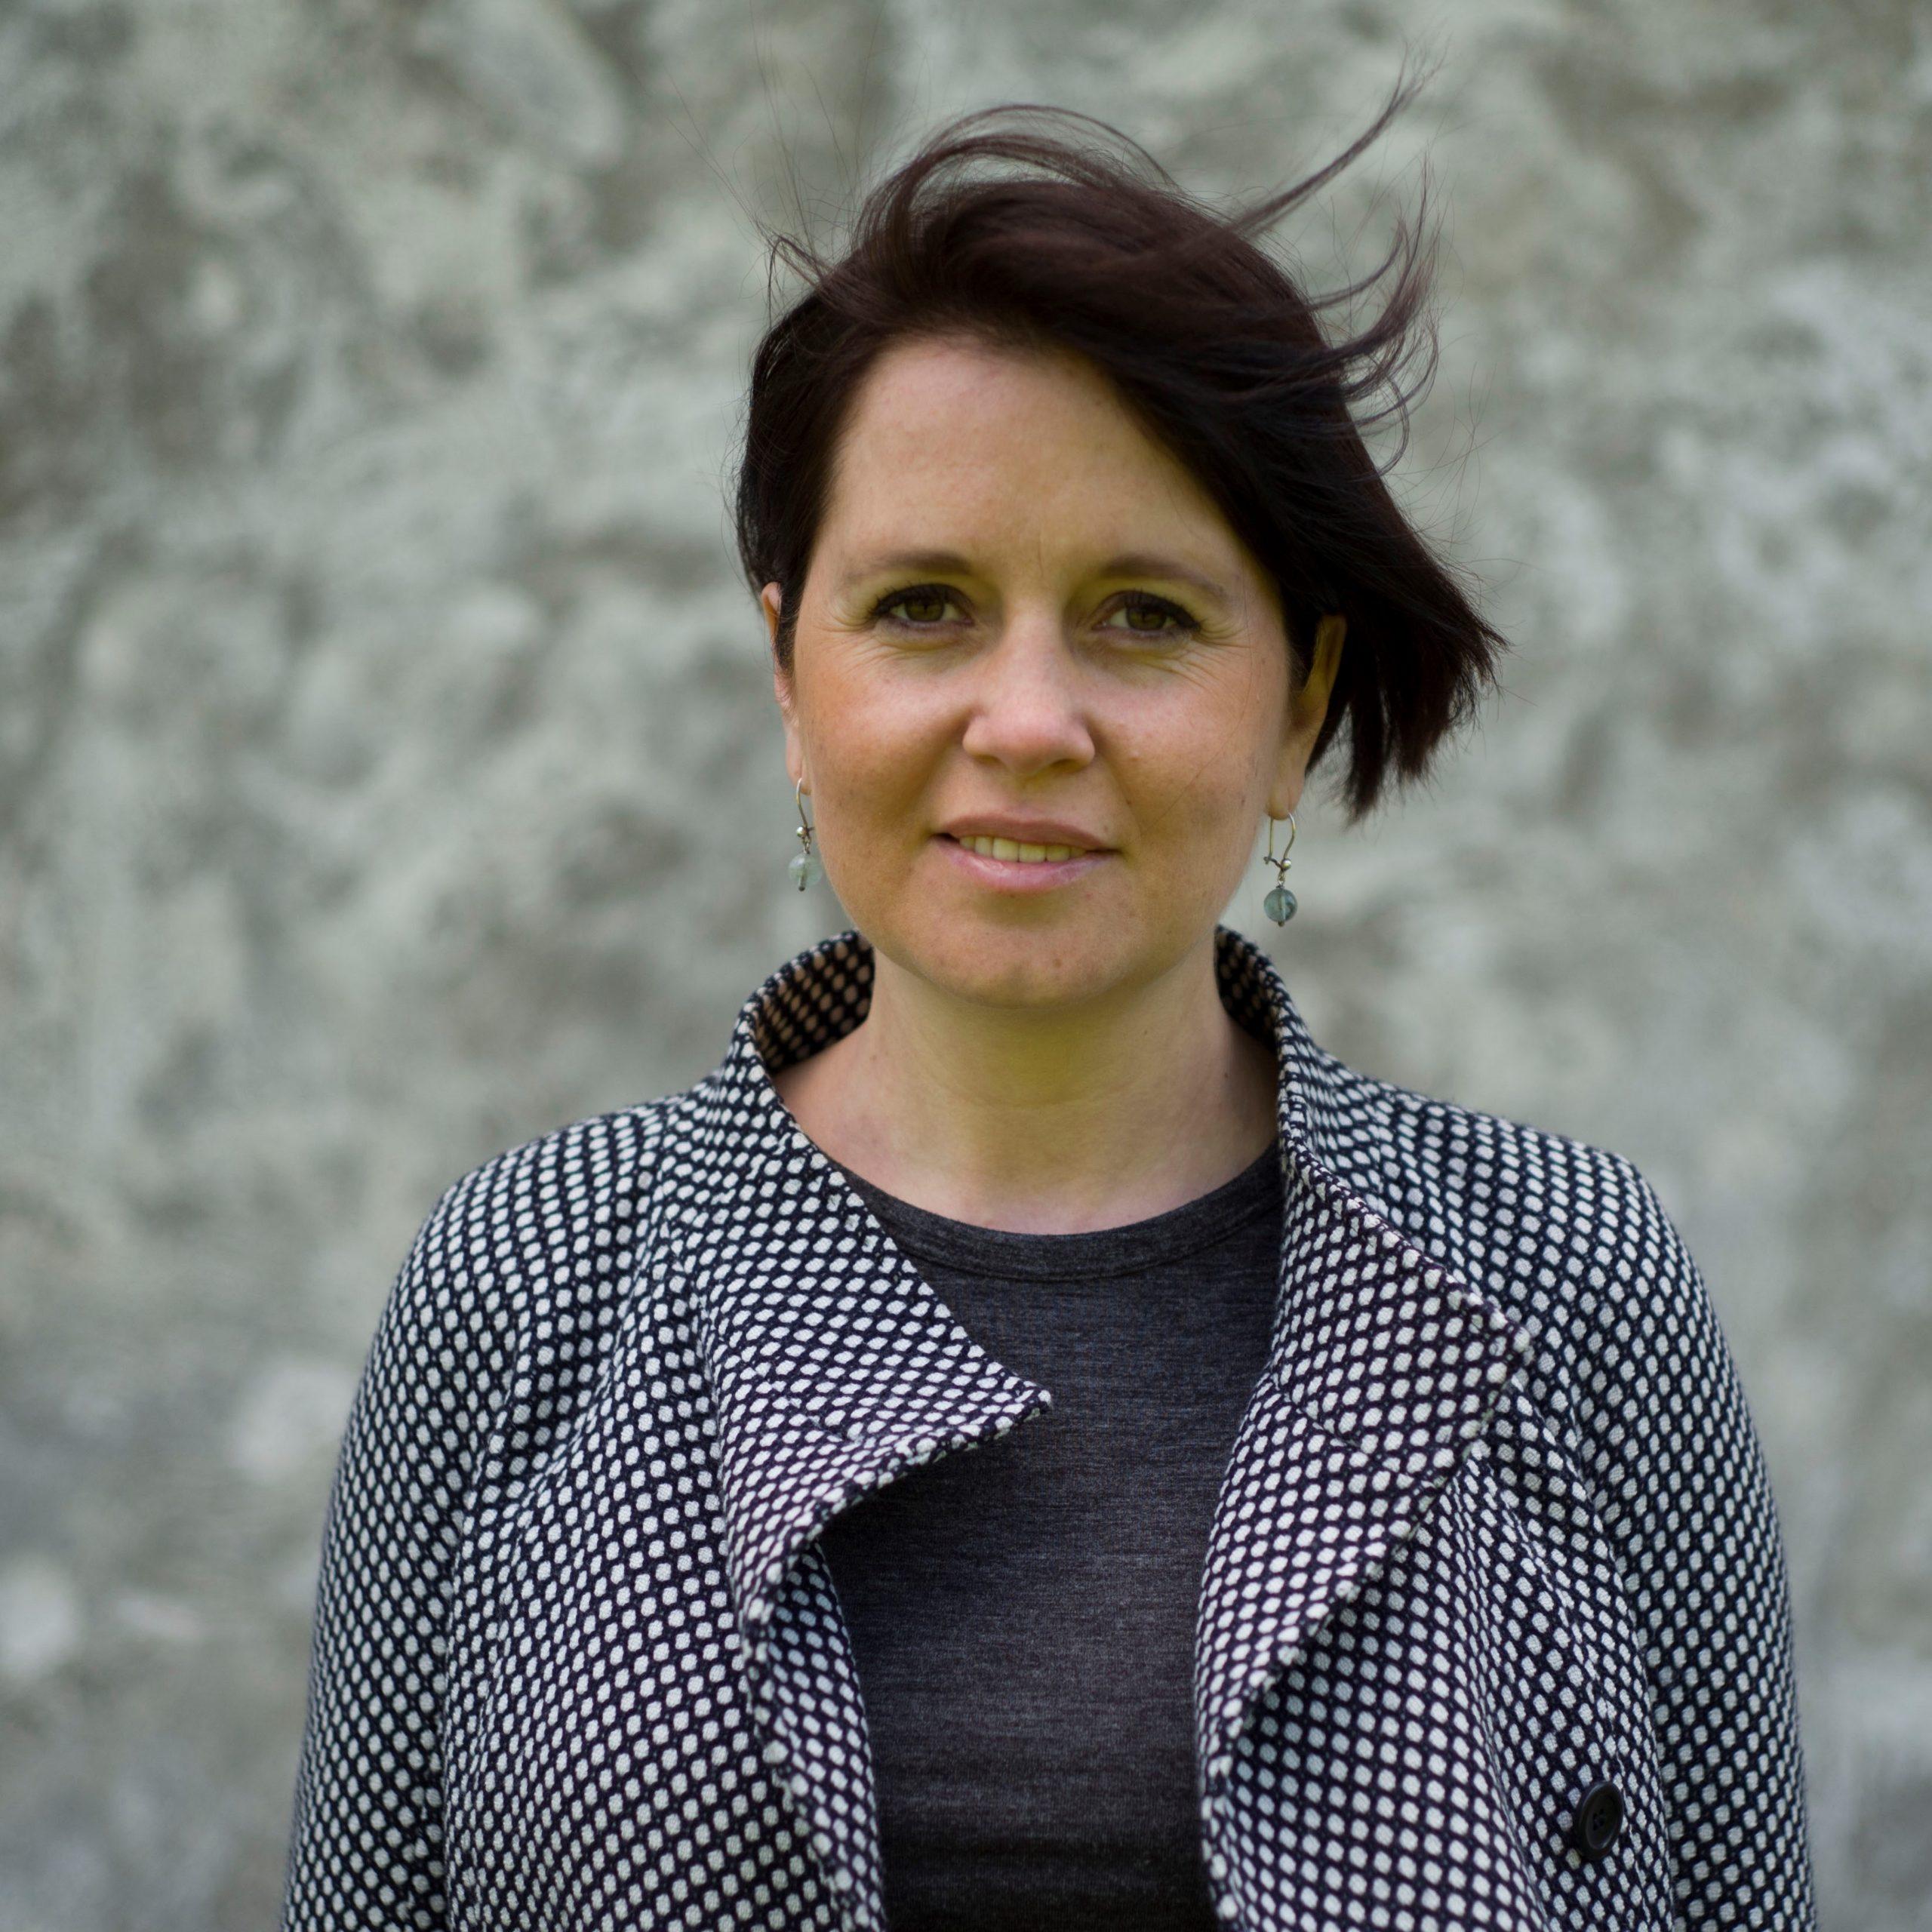 Nadzeya Kalbaska